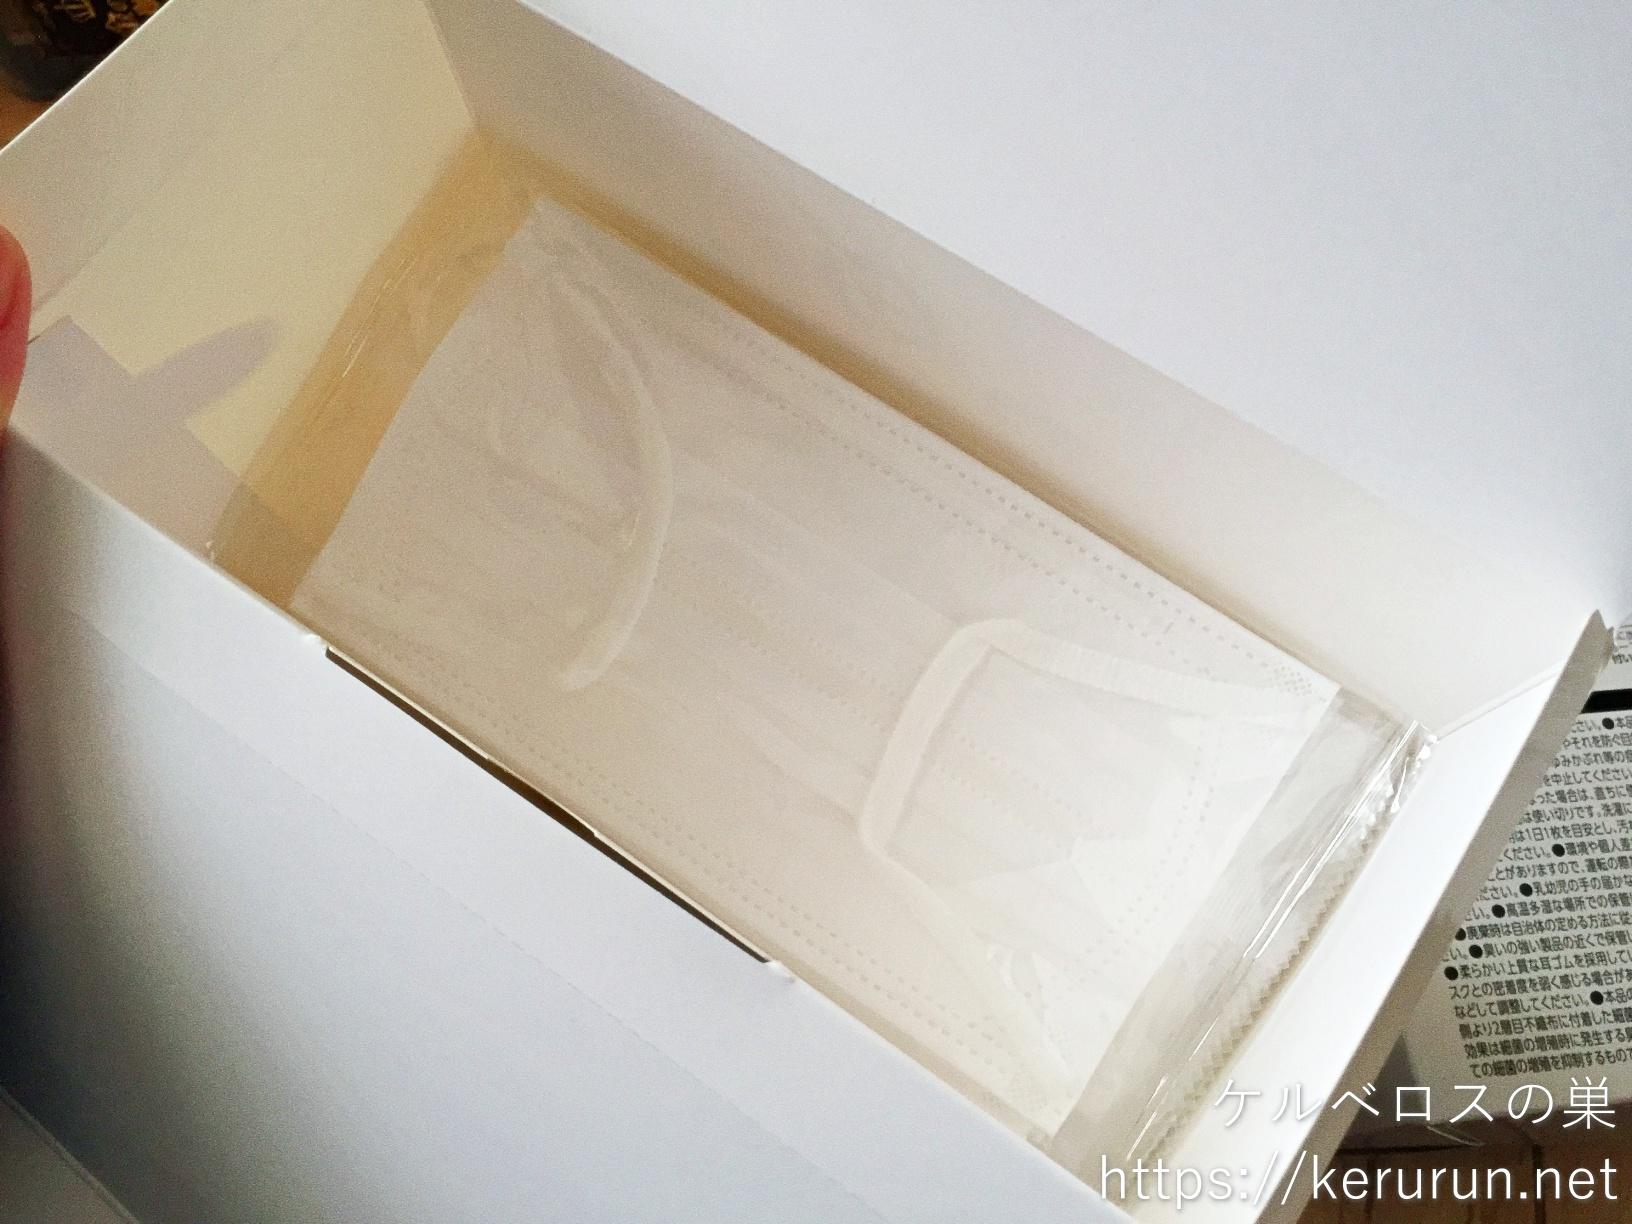 プレミアム マスク コストコ 4 層 極上 空間 コストコの『極上空間 4層プレミアムマスク